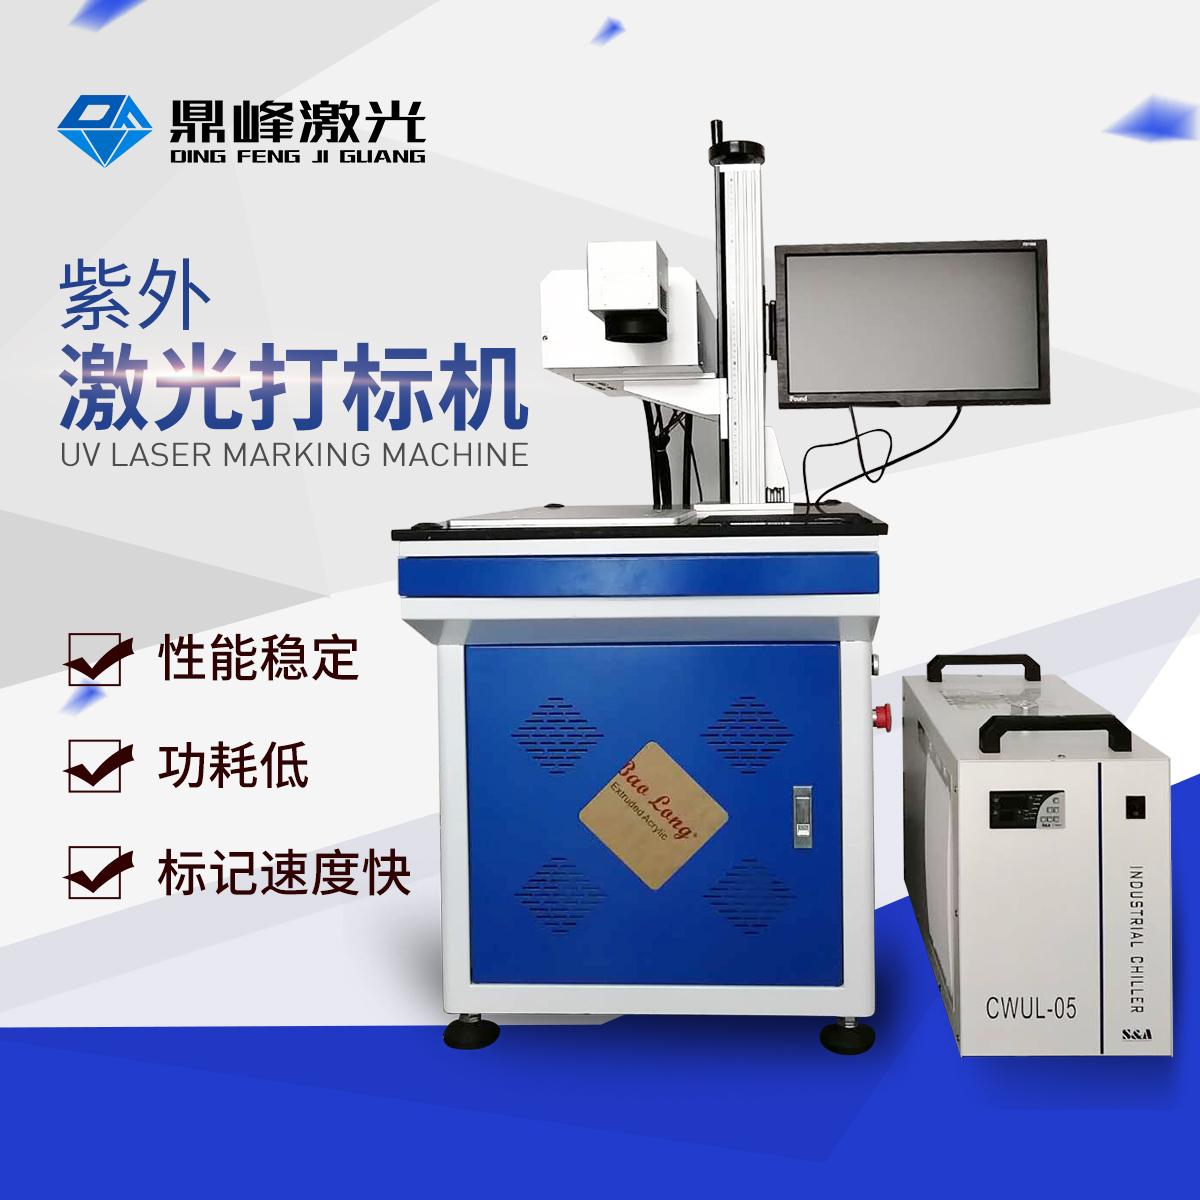 沥林塑胶壳激光打标机|紫外激光打标机定制|广东鼎峰激光科技有限公司|厂家直供